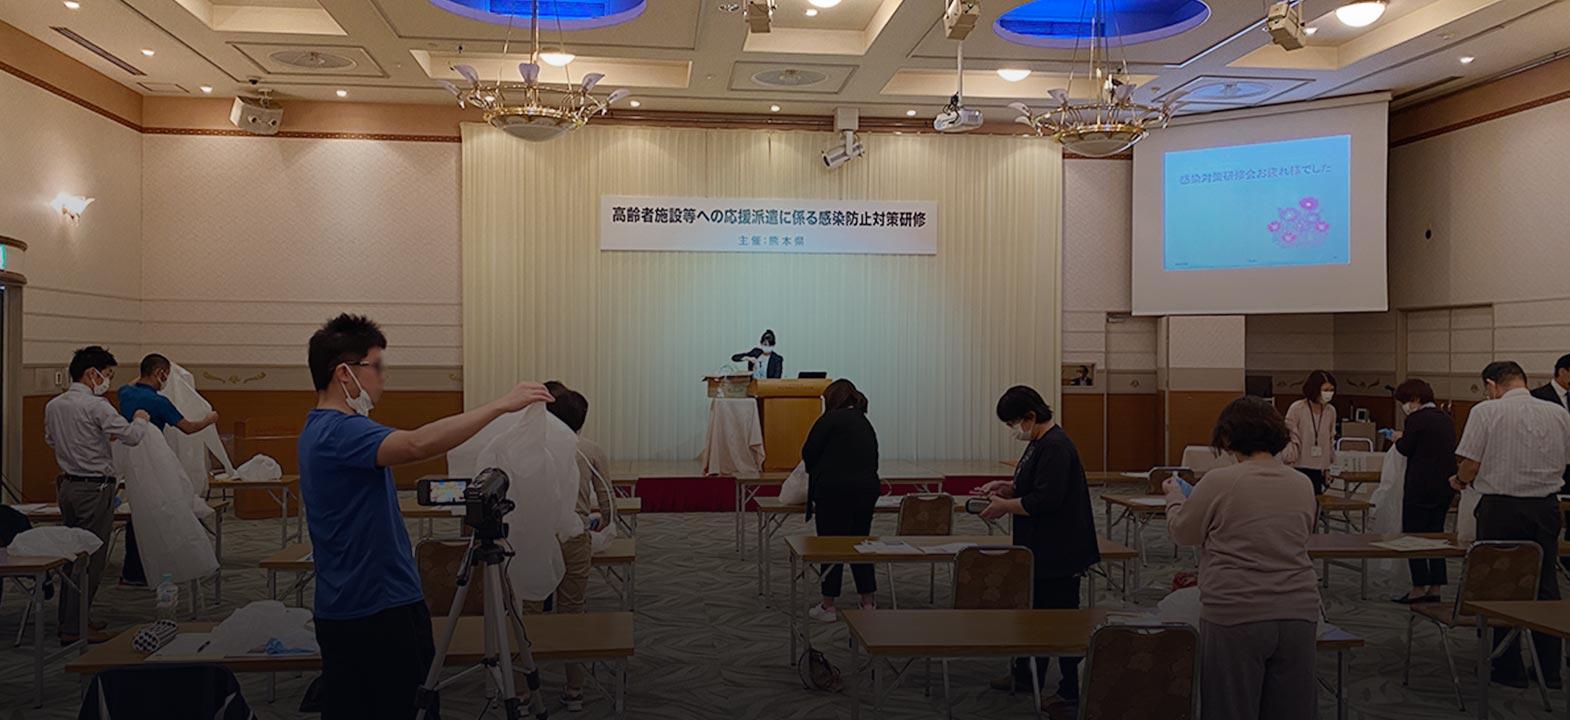 コロナと戦う介護福祉士!熊本県天草市に撮影と取材に行ってきました